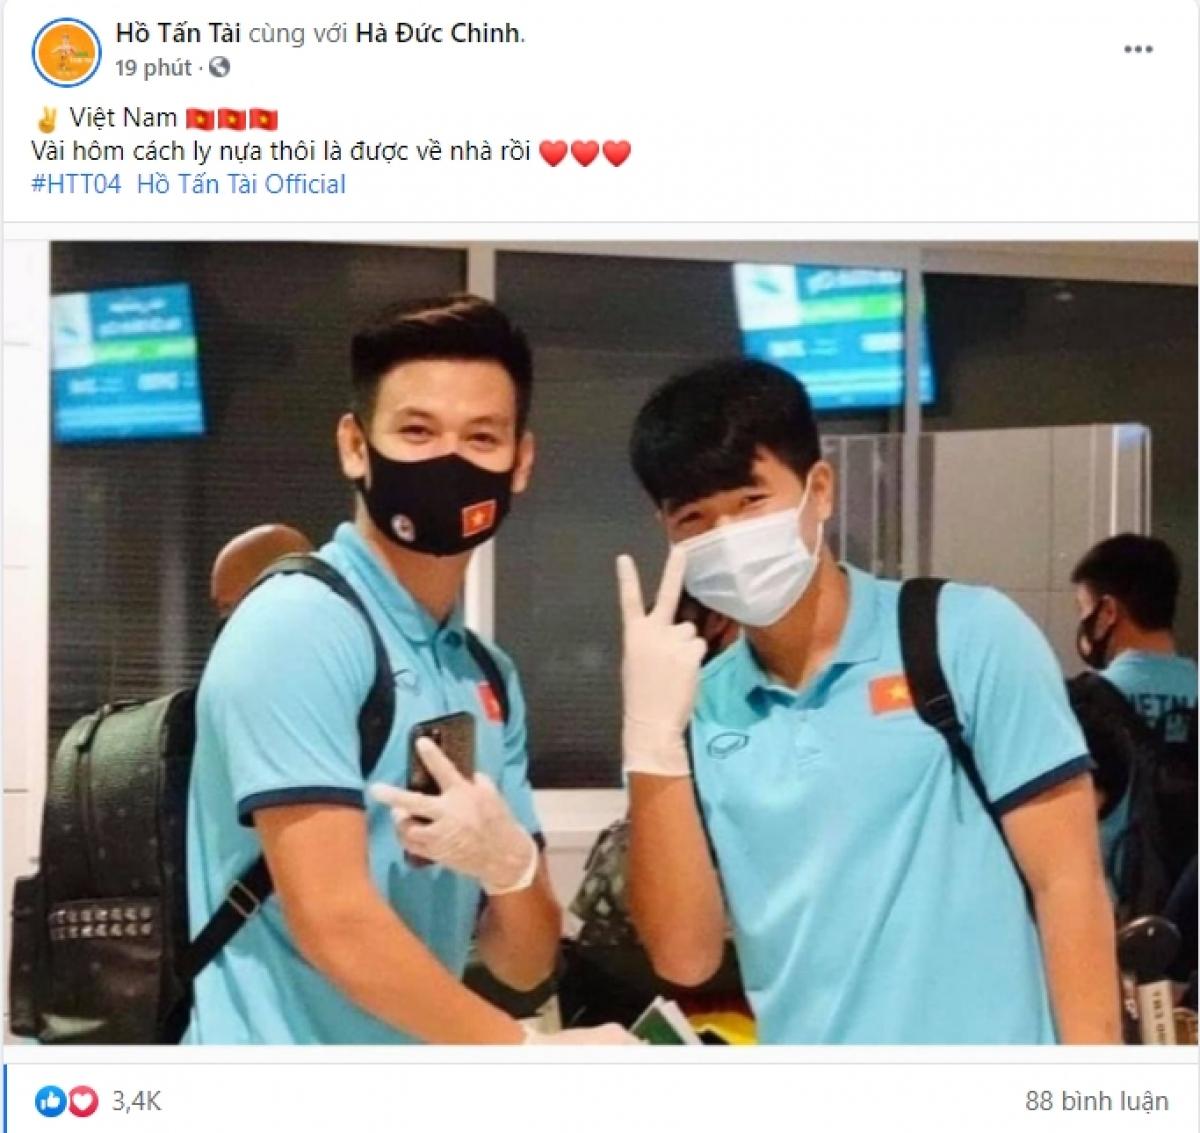 Các tuyển thủ sẽ thực hiện cách ly 7 ngày tại khách sạn, sau khi Bộ Y tế đồng ý đề xuất thời gian cách ly 7 ngày đối với các thành viên ĐT Việt Nam.